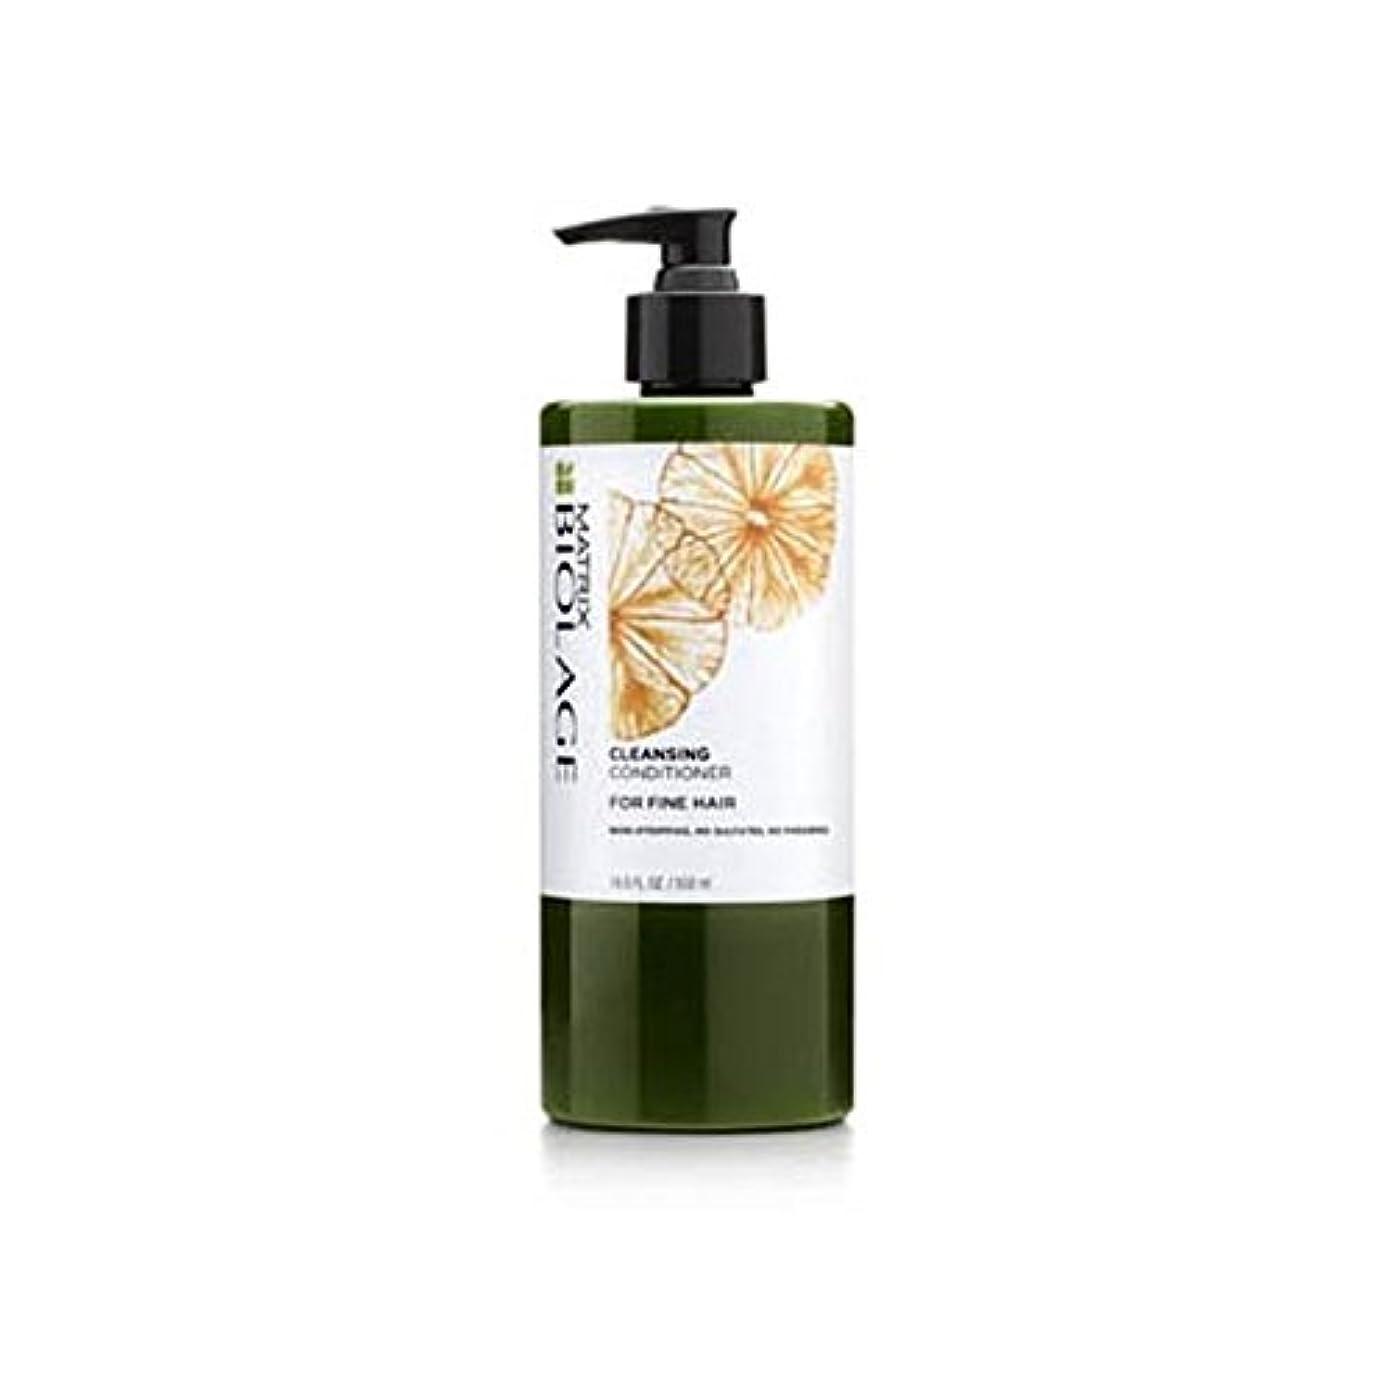 誕生日レーダー孤独マトリックスバイオレイジクレンジングコンディショナー - 細い髪(500ミリリットル) x2 - Matrix Biolage Cleansing Conditioner - Fine Hair (500ml) (Pack of 2) [並行輸入品]